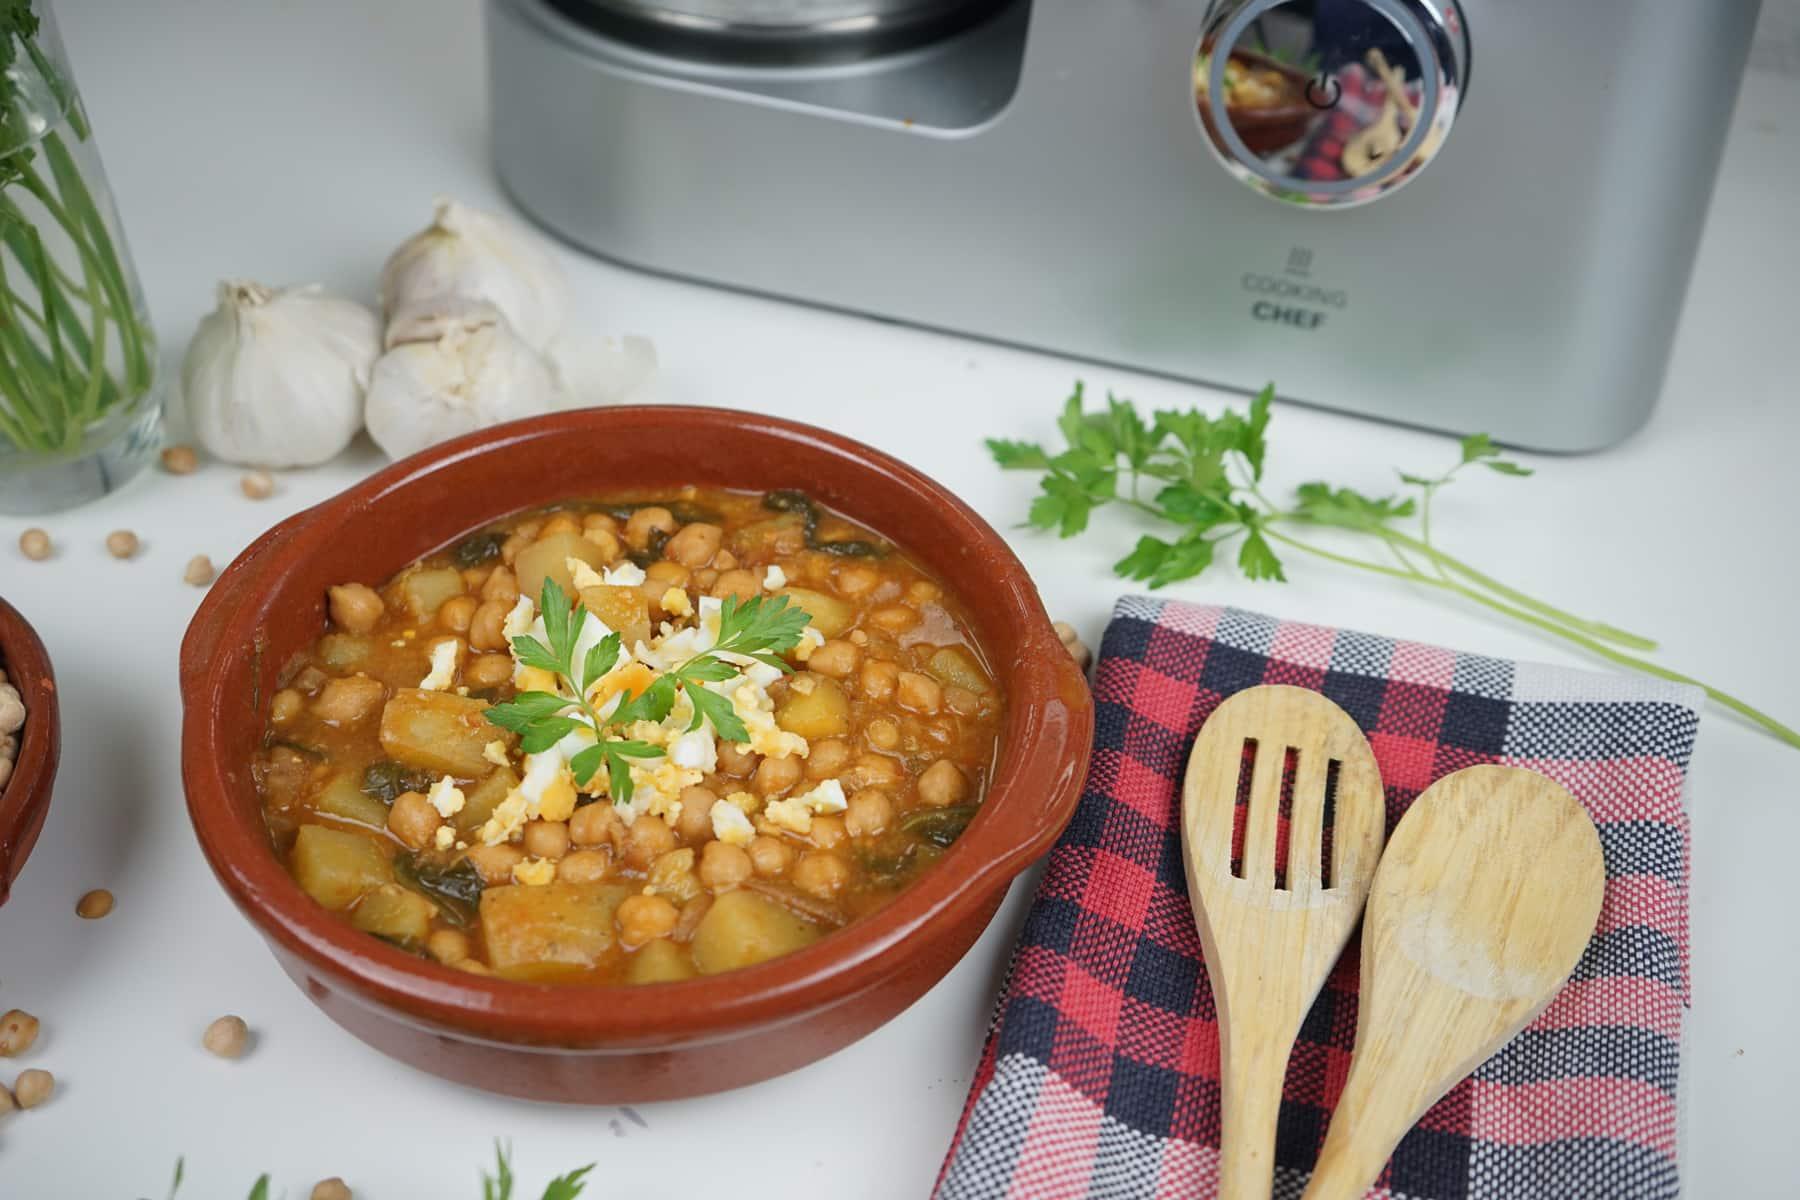 Potaje de garbanzos con Cooking Chef